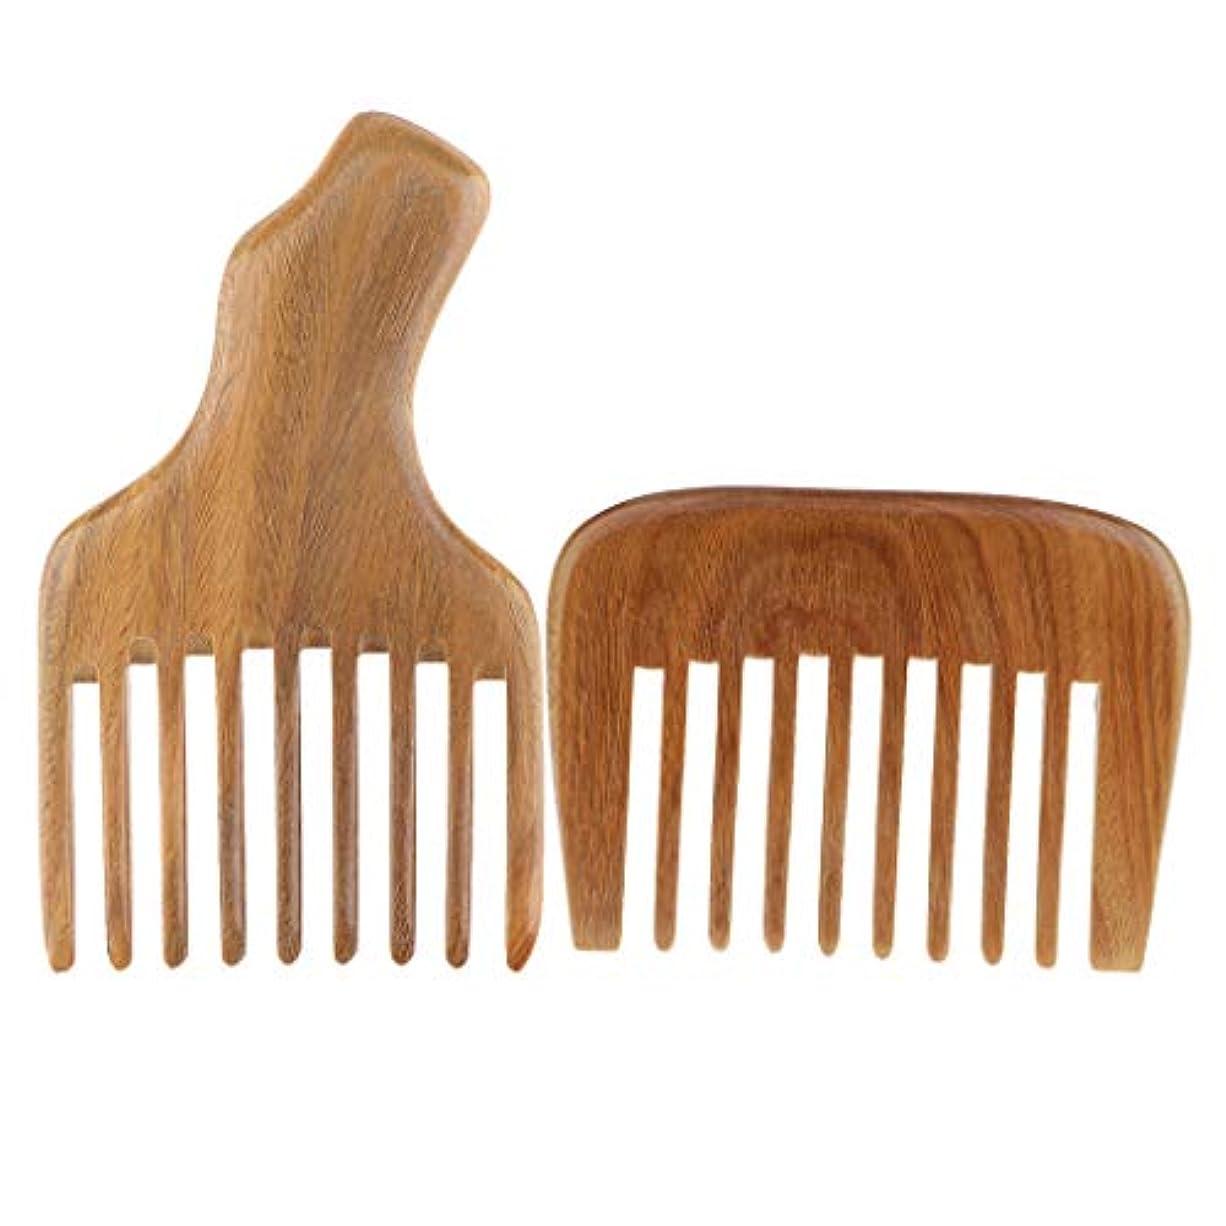 適合しましたインキュバスファウルP Prettyia 2個 木製櫛 ウッドコーム ワイド歯 ギフト 髪型 ひげ 口ひげ